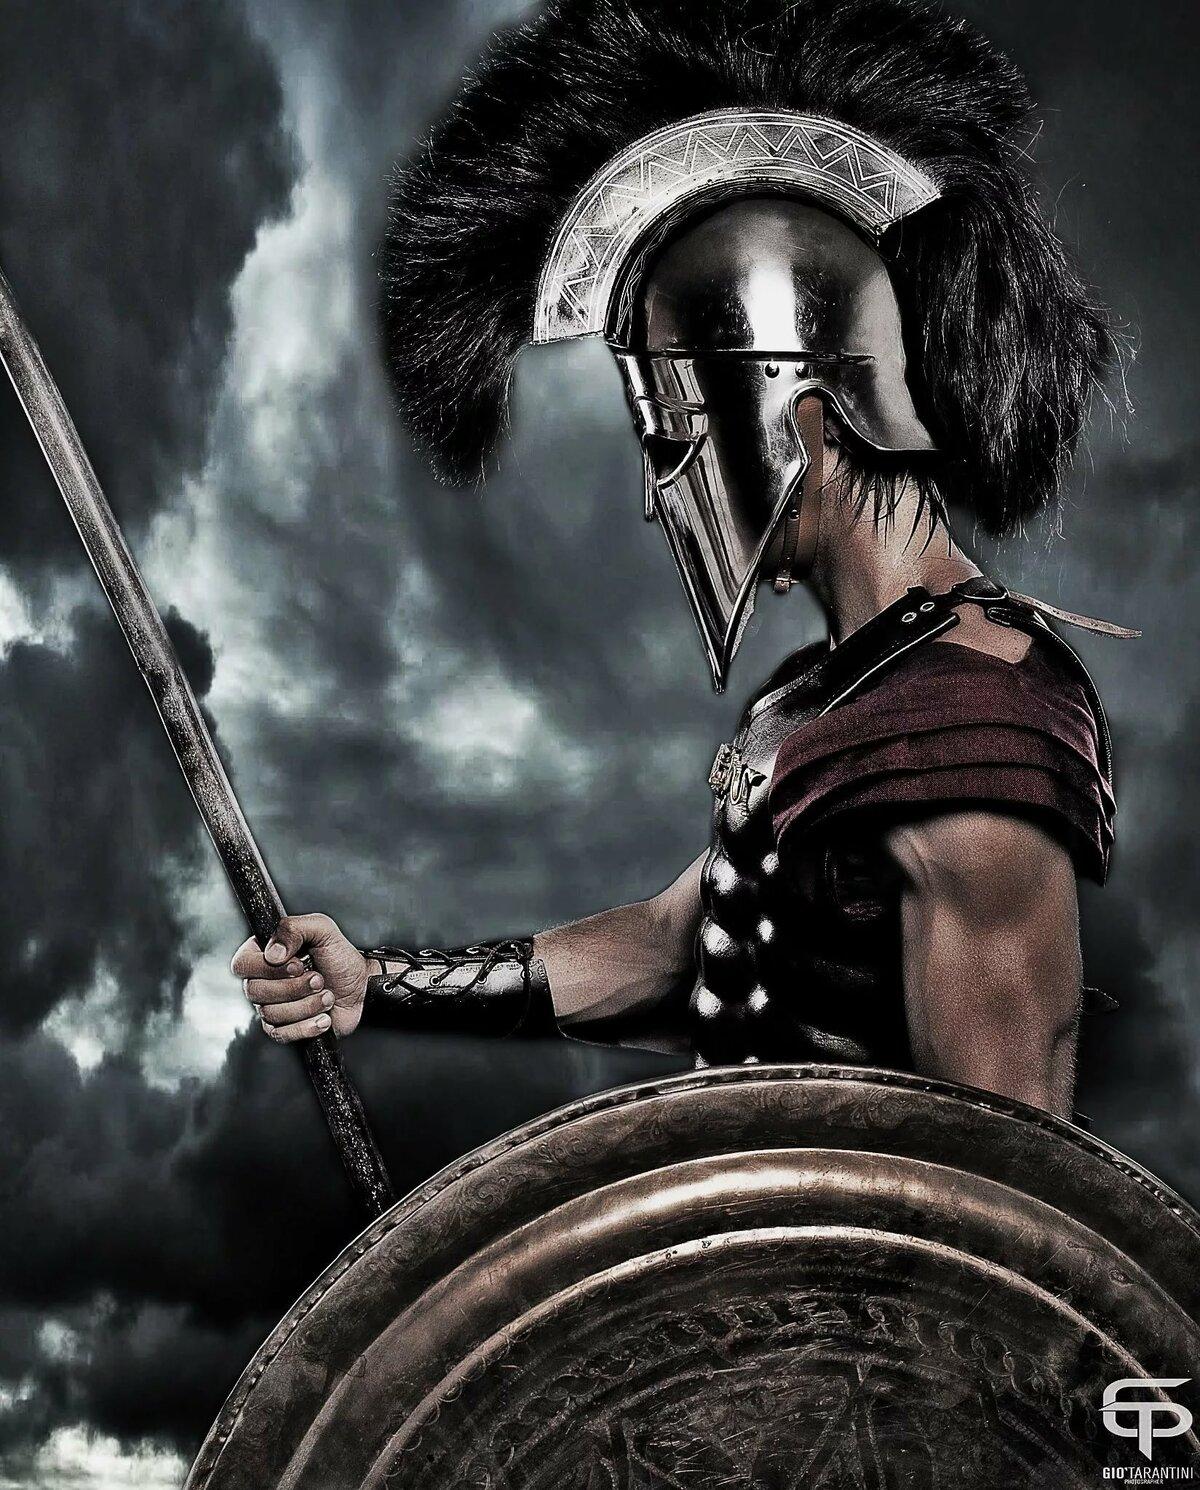 крутые спартанские картинки является глубоко личным